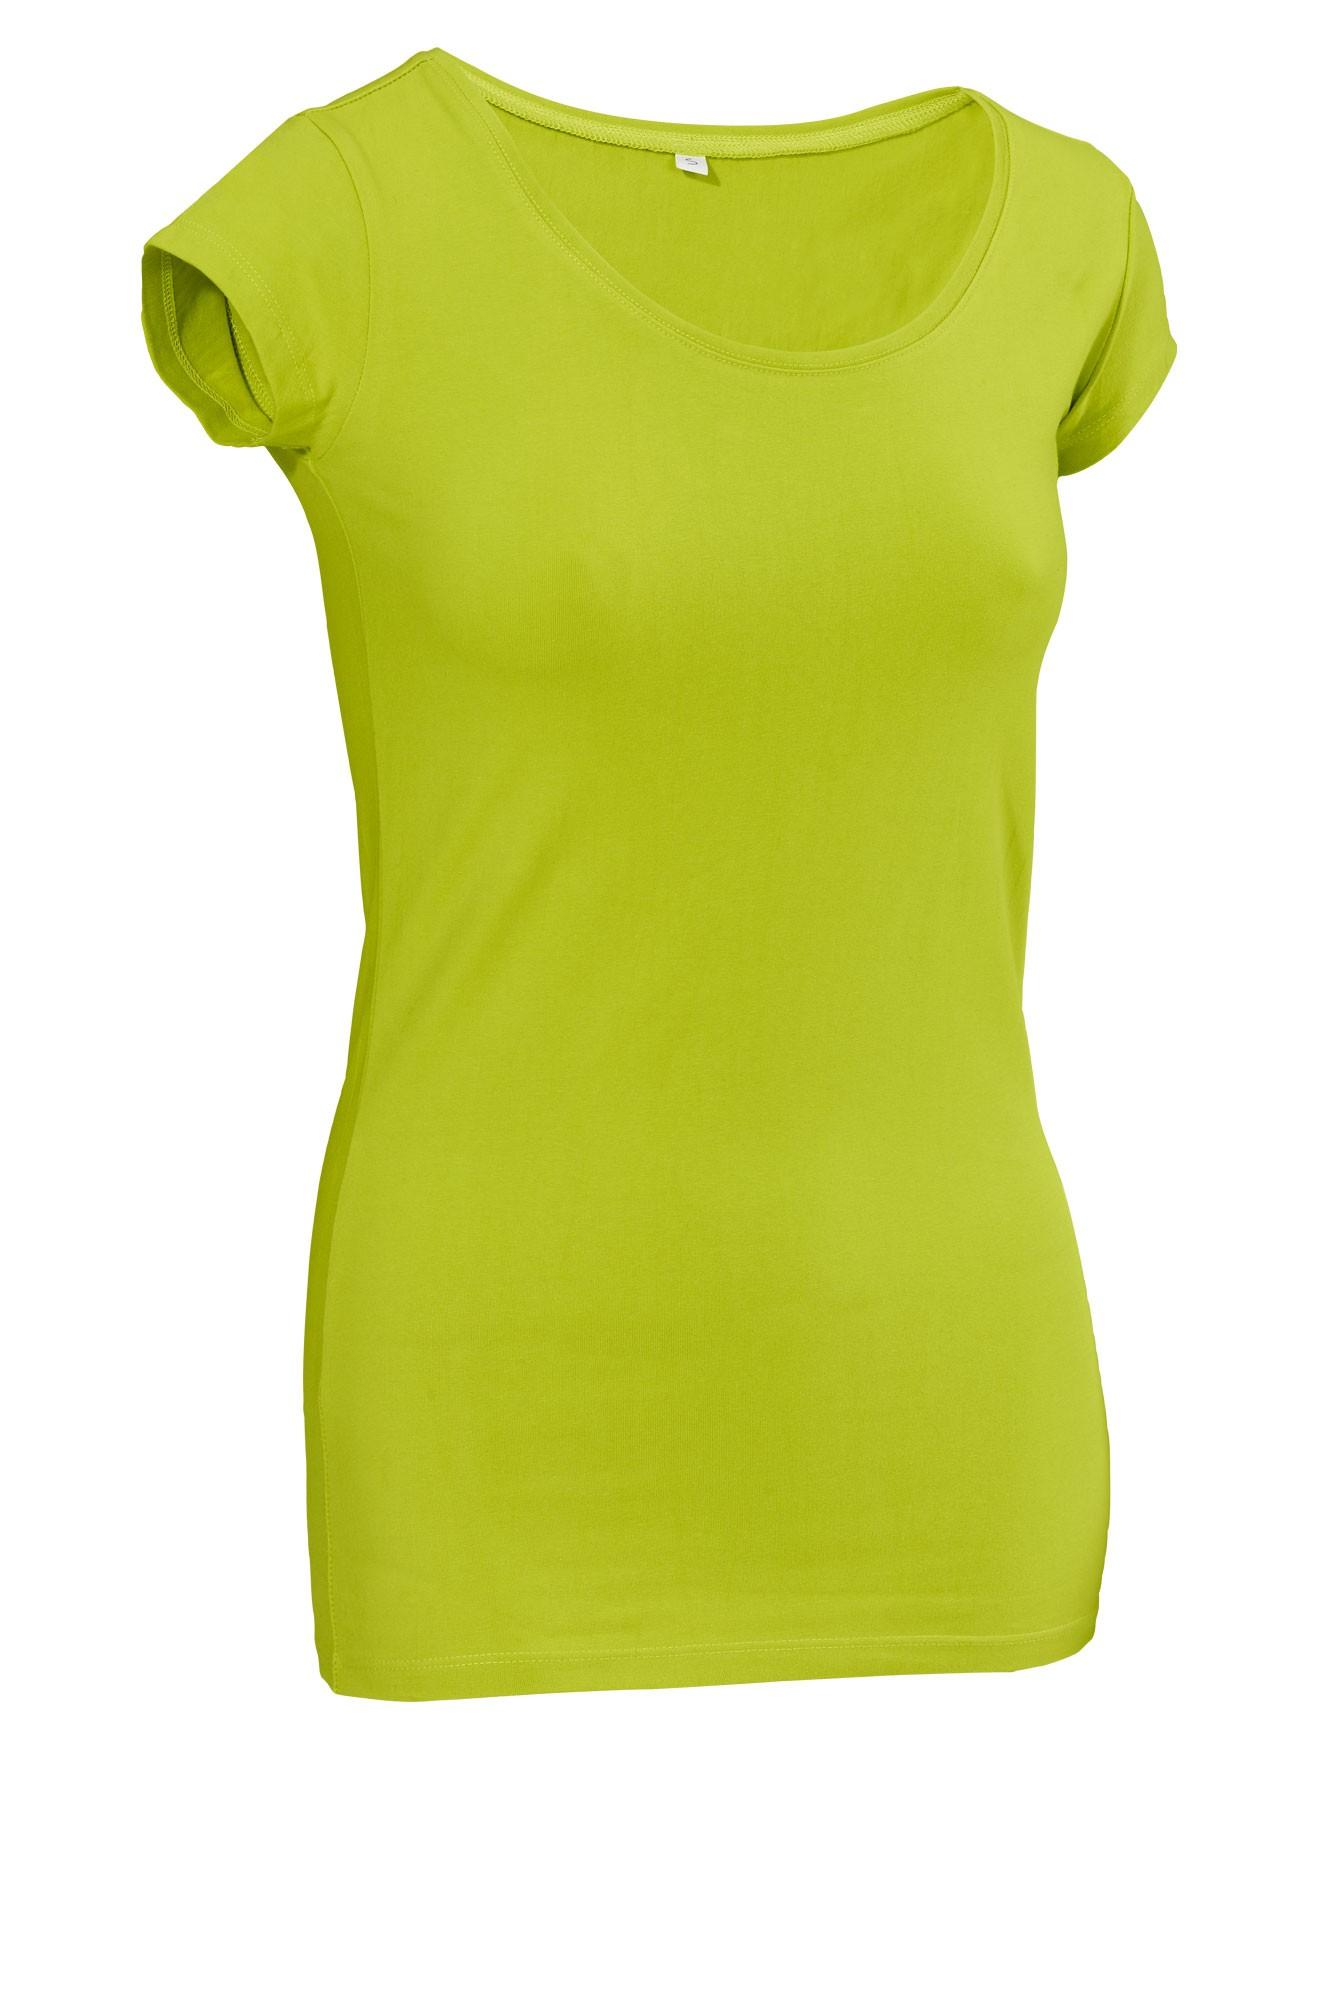 Dámské tričko Double - krátký rukáv/světle zelená